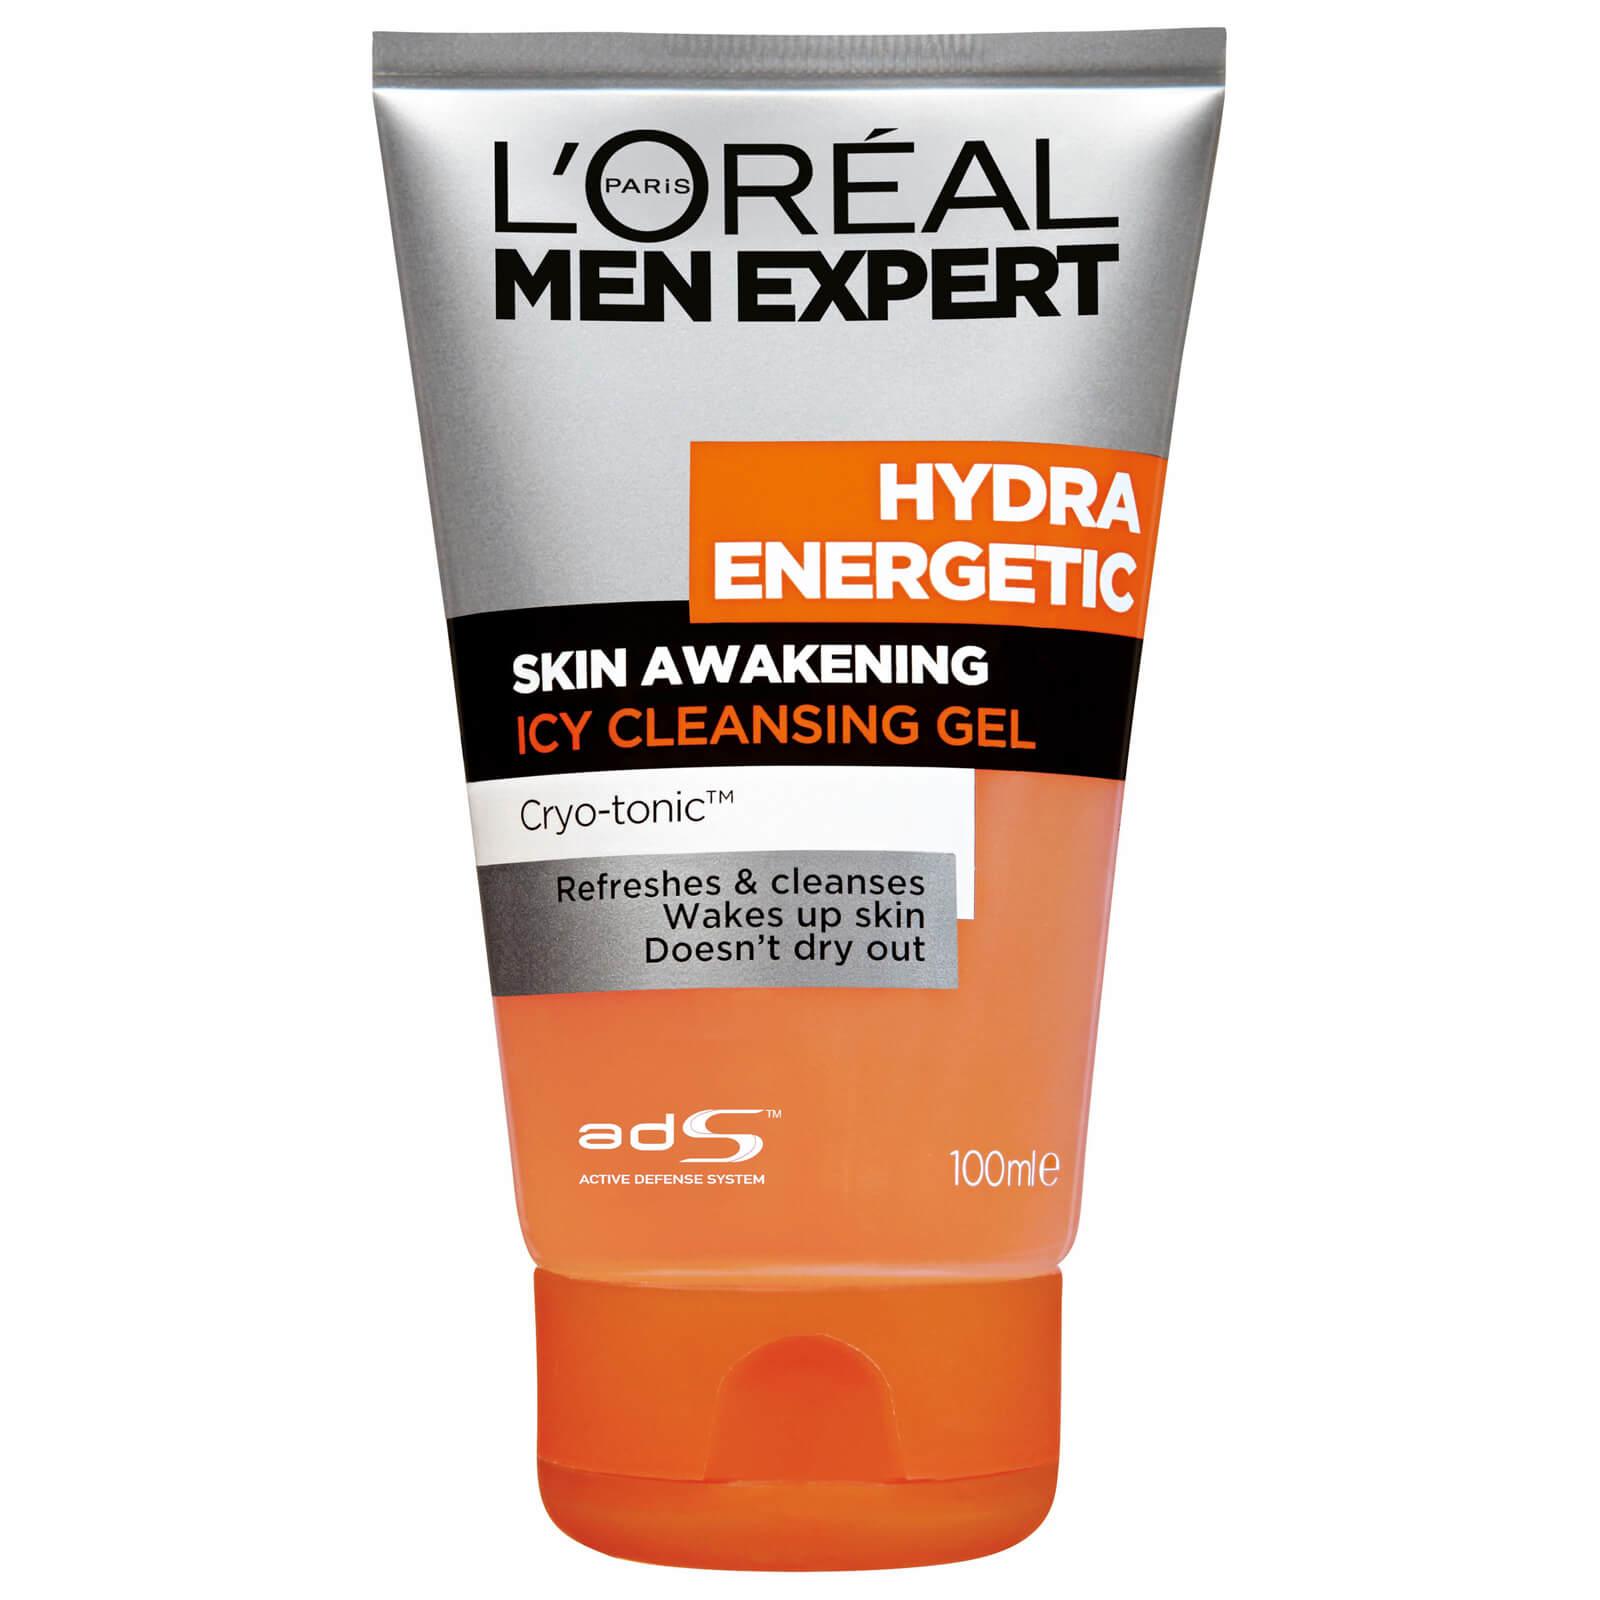 L'Oréal Paris Men Expert Hydra Energetic Skin Awakening Icy Cleansing Gel  100ml